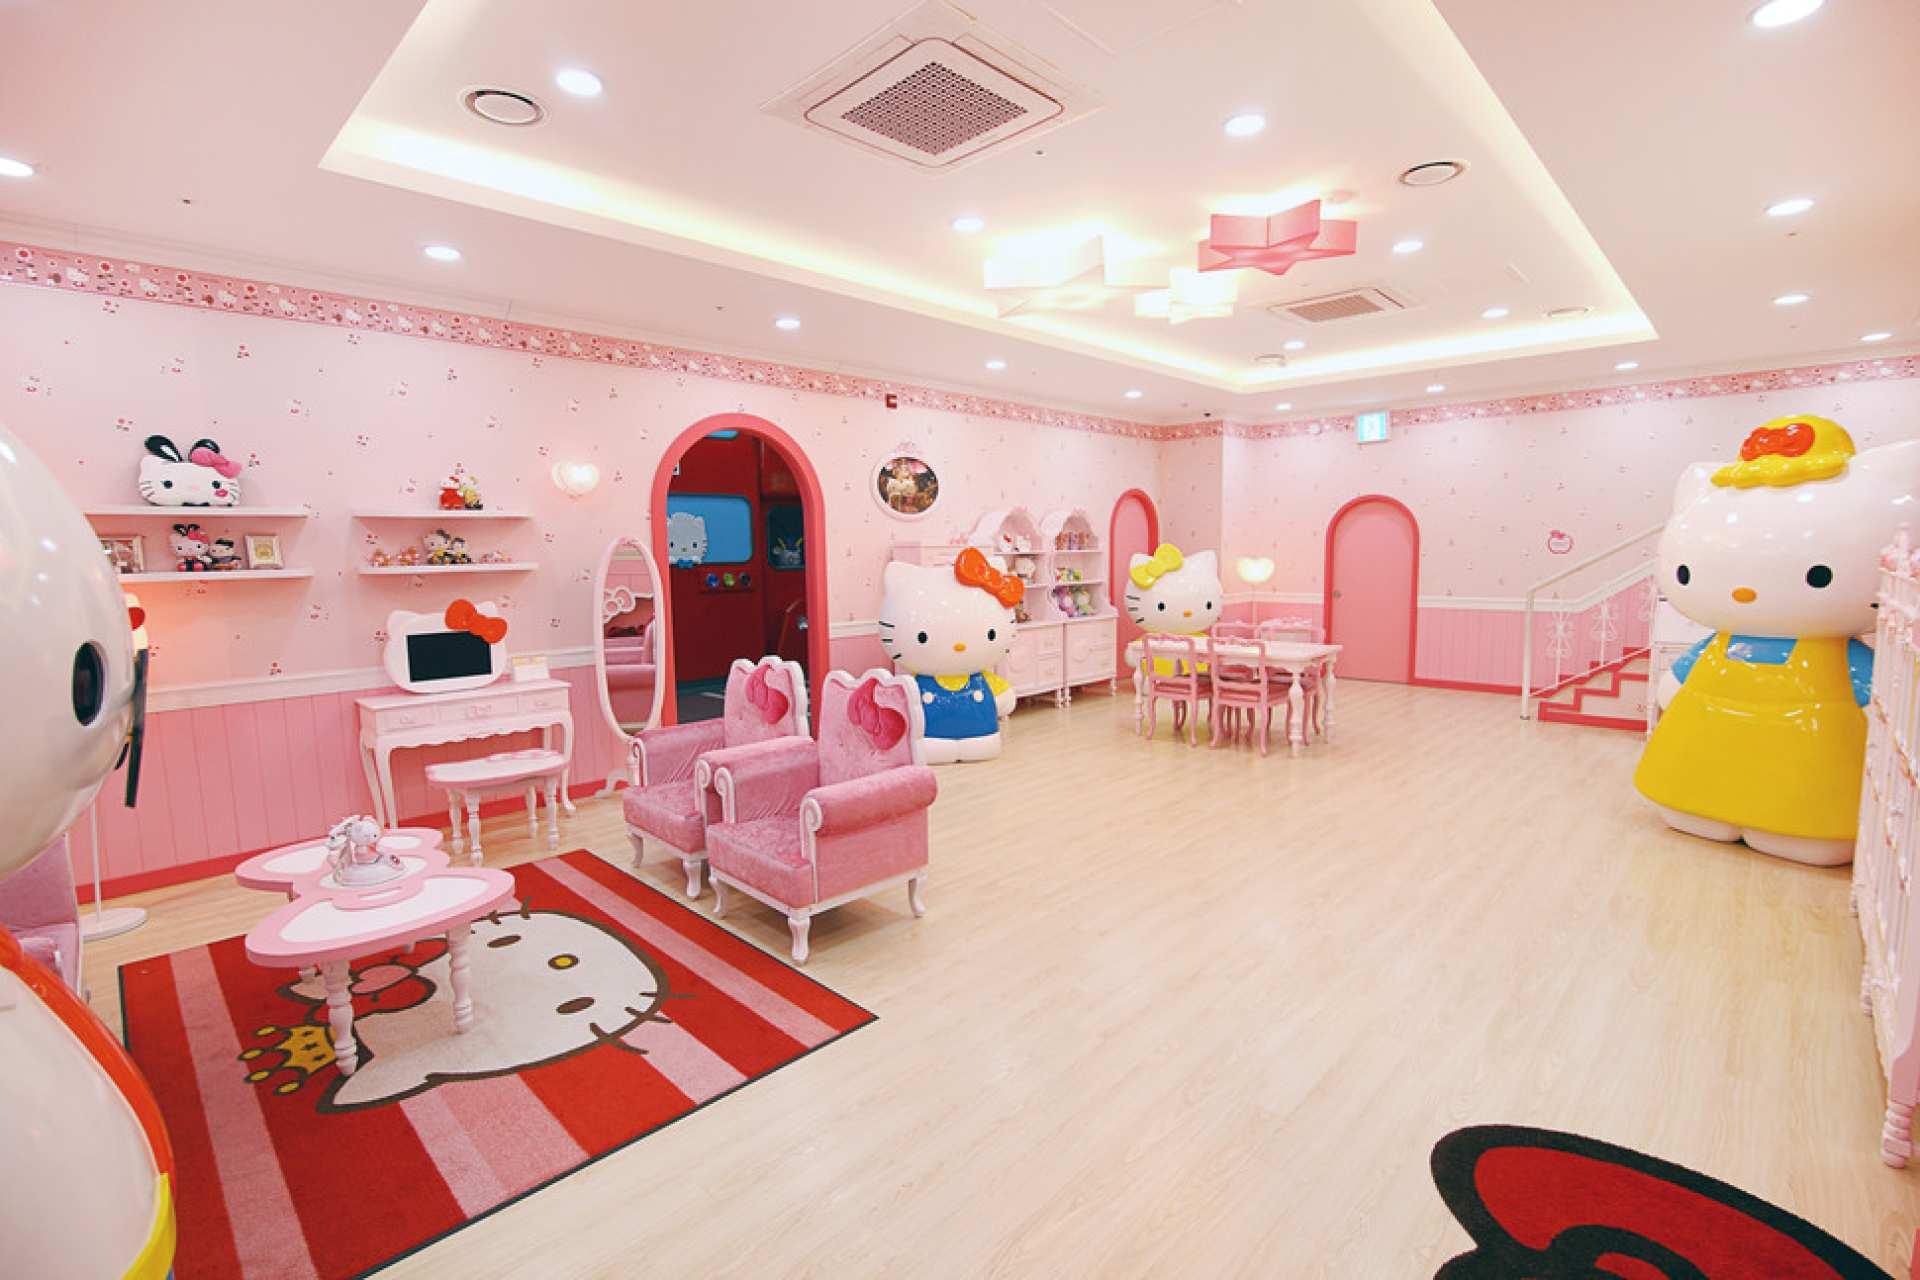 【超級卡哇伊】濟州島 Hello Kitty樂園門票